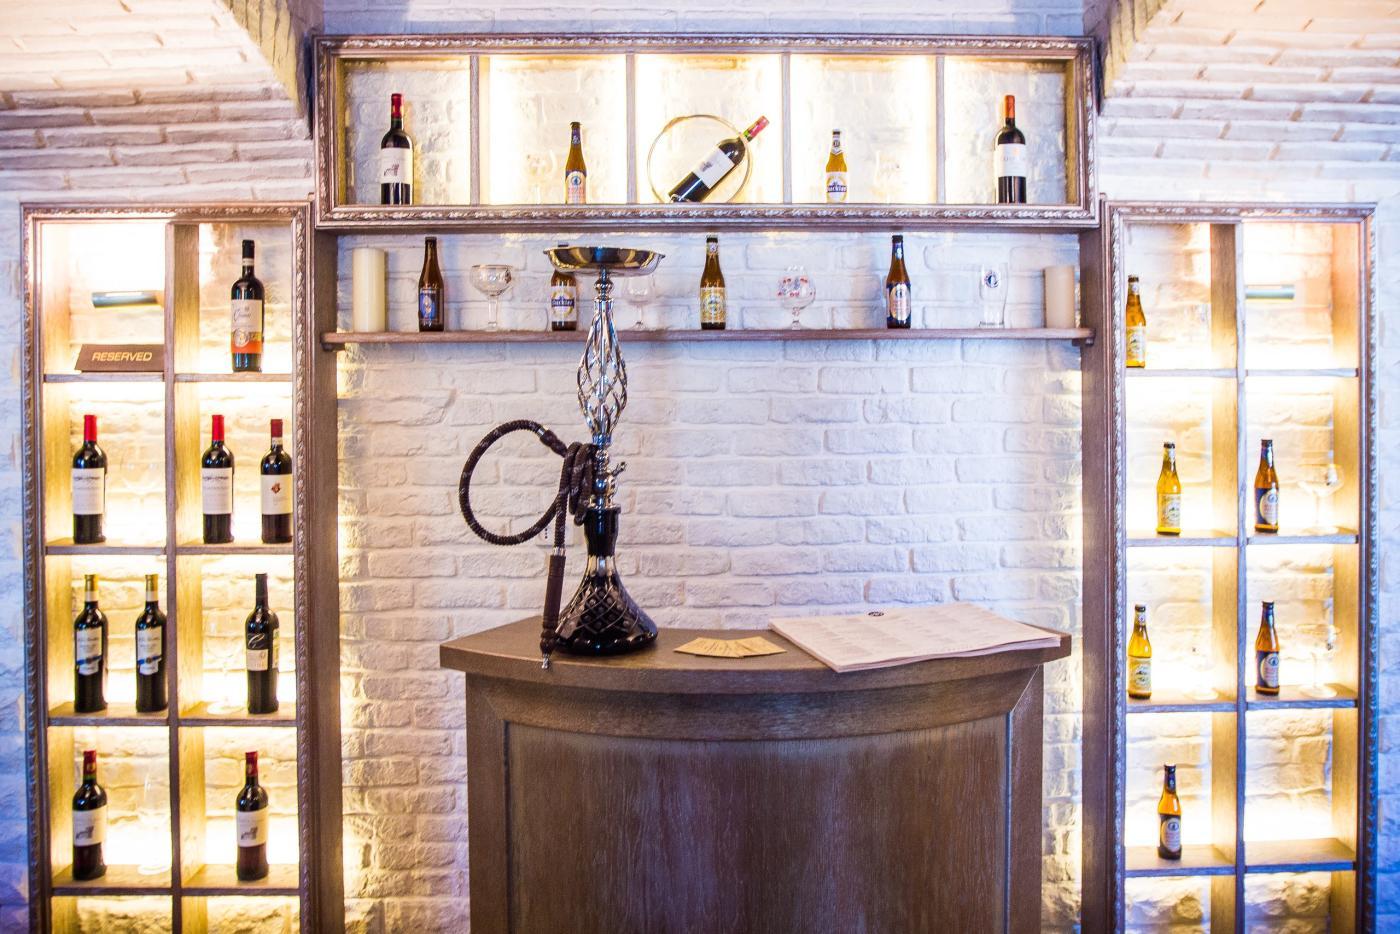 Средиземноморский Ресторан Terra & Mare Rome Barcelona (Терра Маре Рома Барселона) фото 45